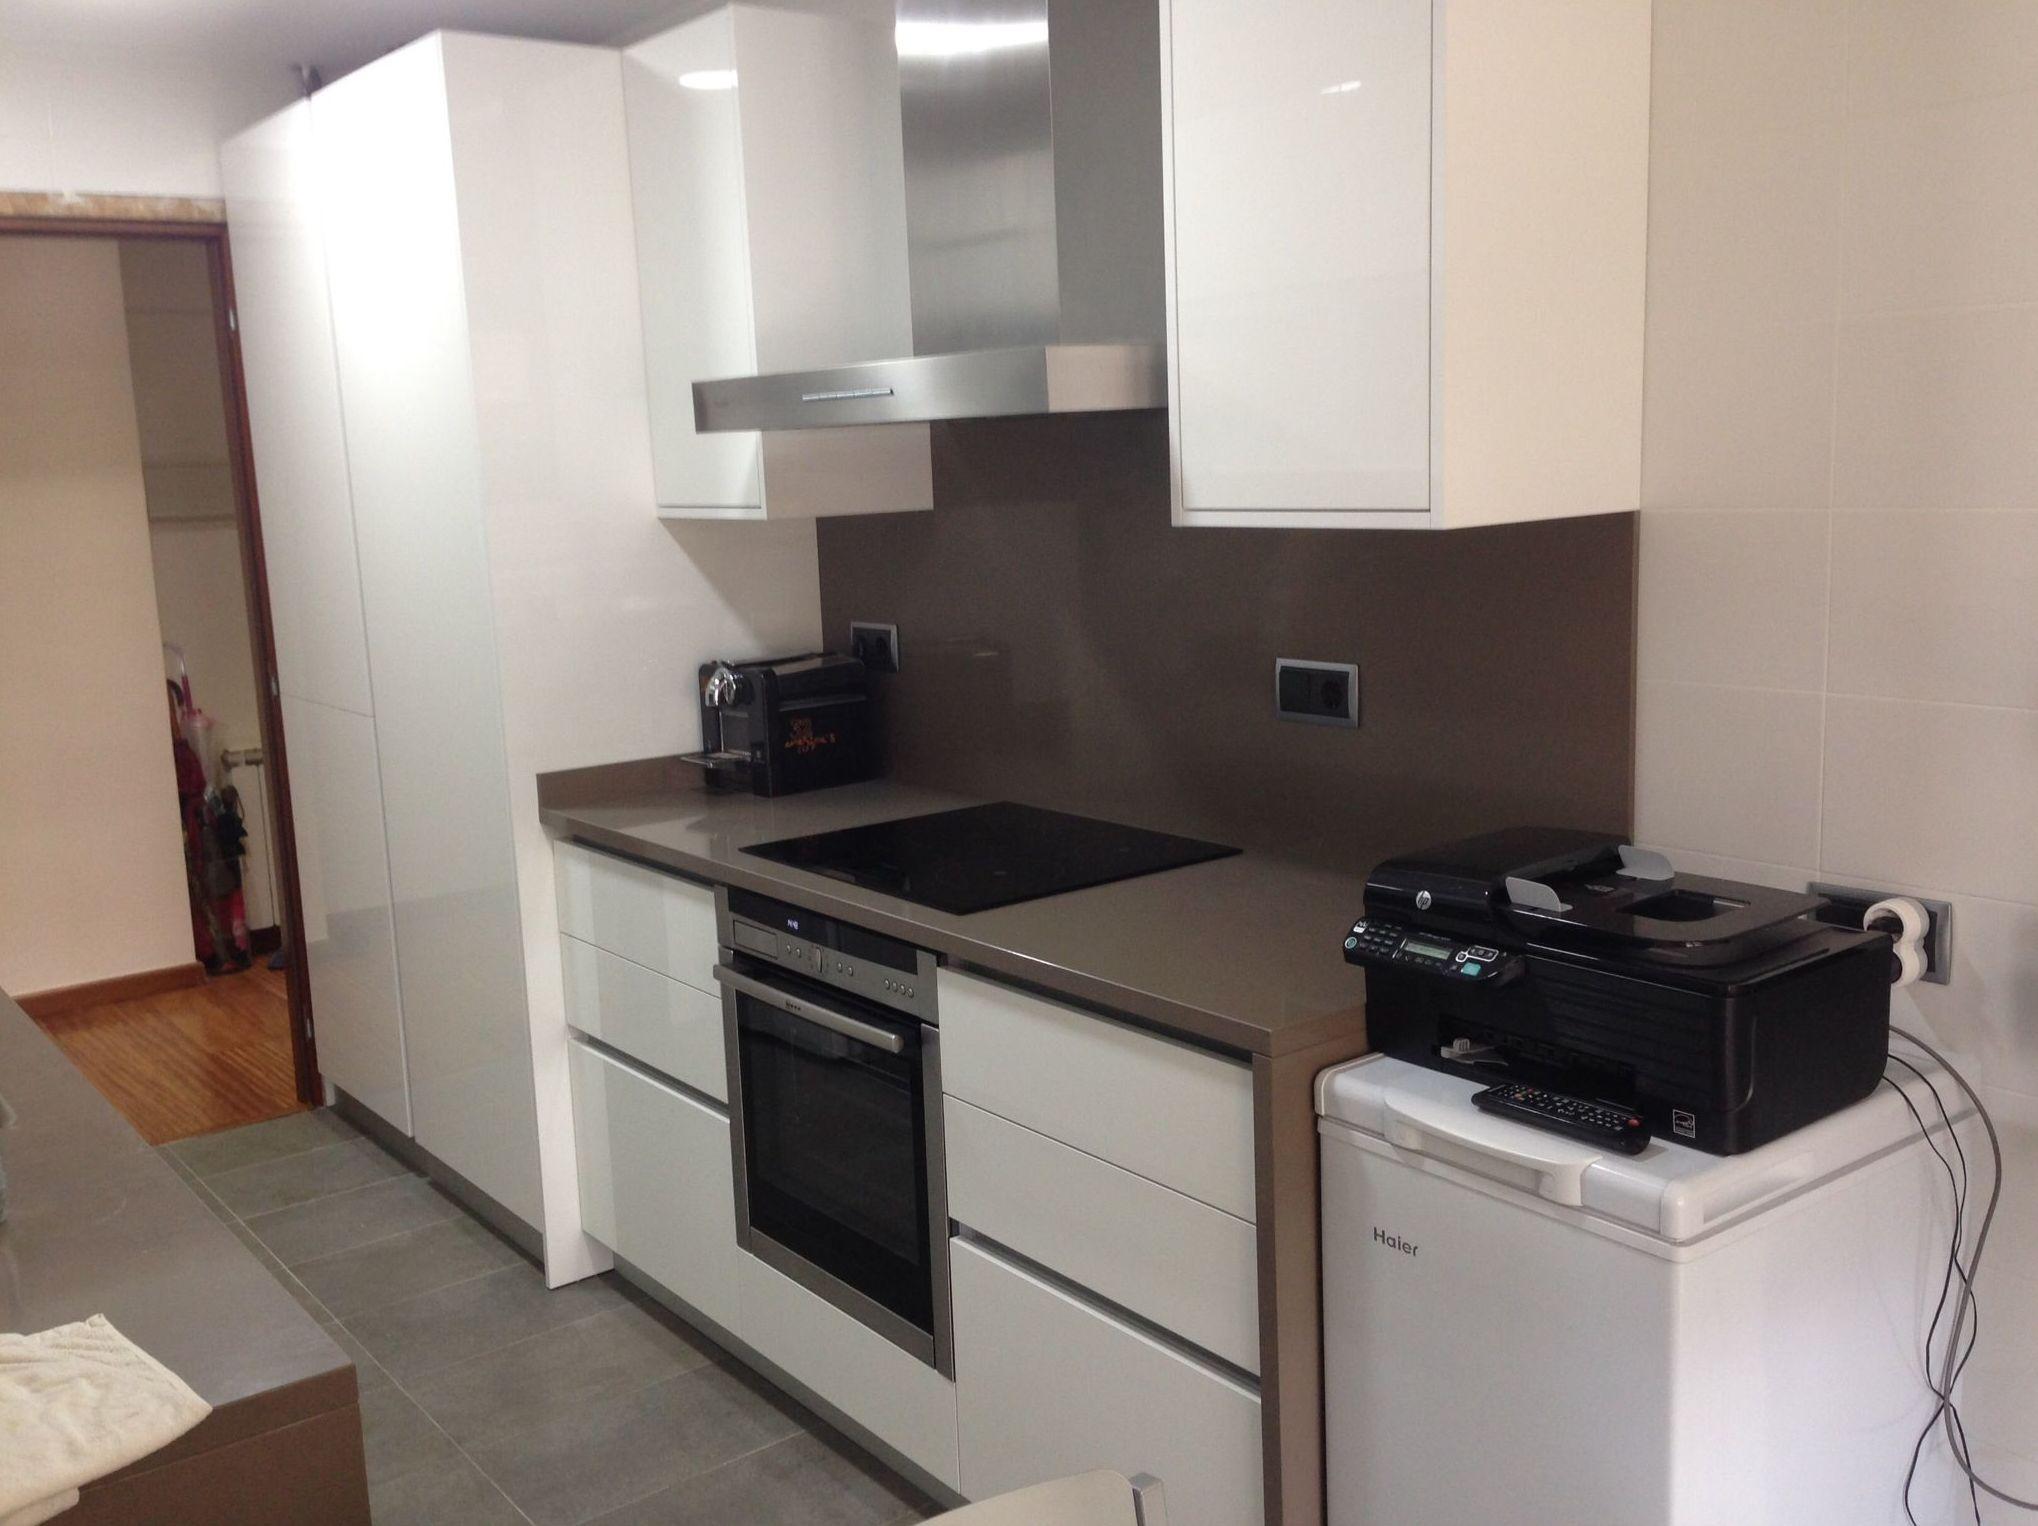 Muebles de cocina según las necesidades del cliente